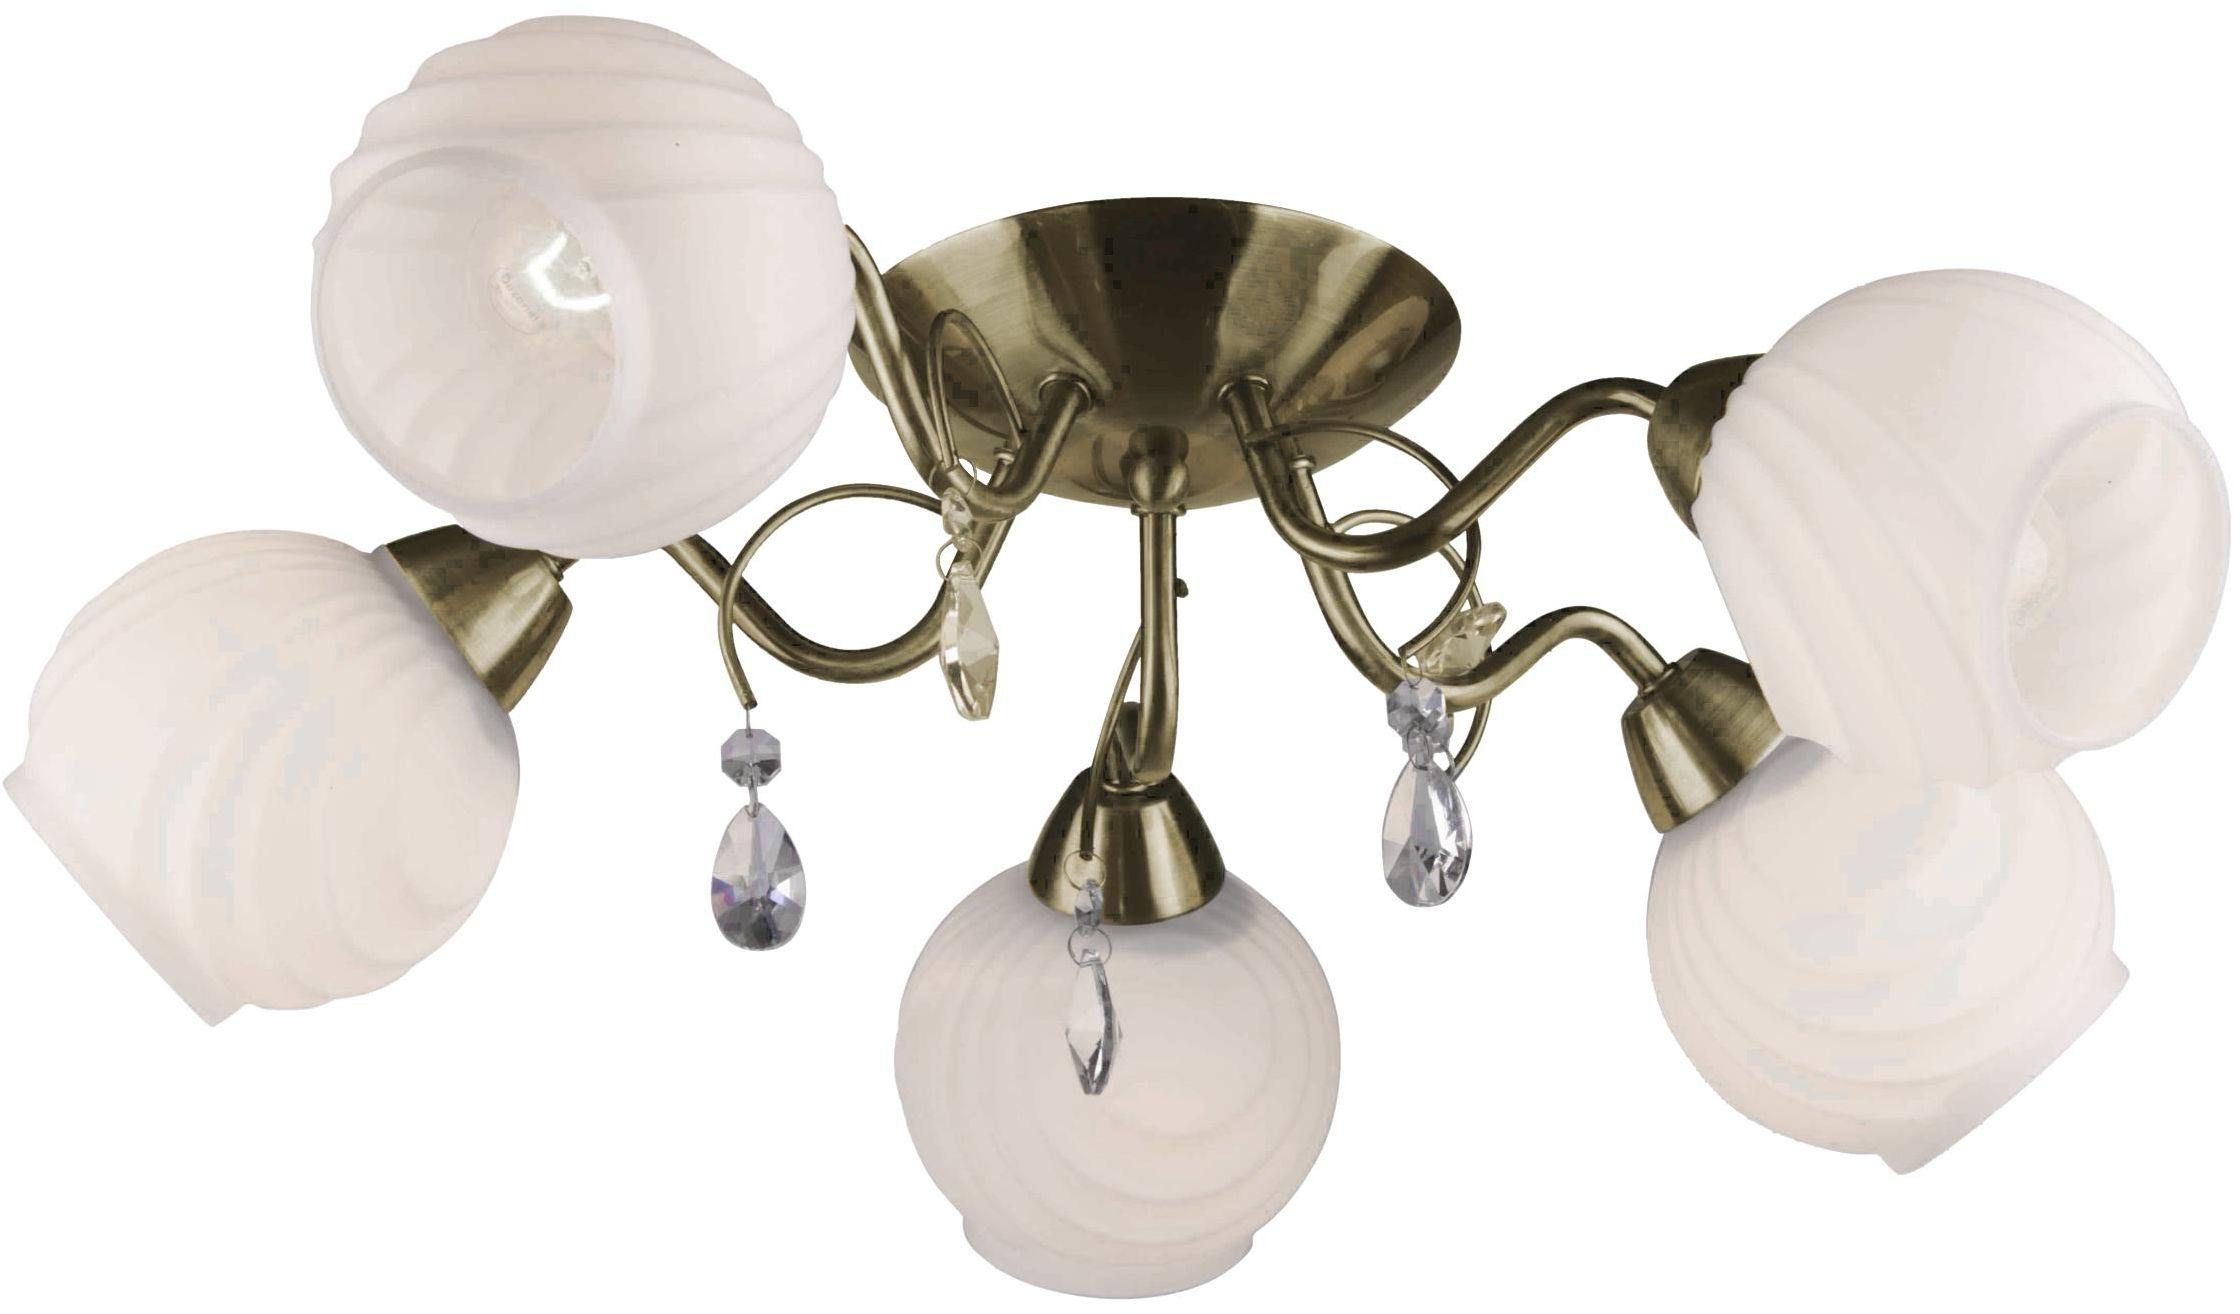 Lampex Ida 5 581/5 plafon lampa sufitowa klasyczny szklane klosze osadzone na srebrnej oprawie E27 5x40W 62cm